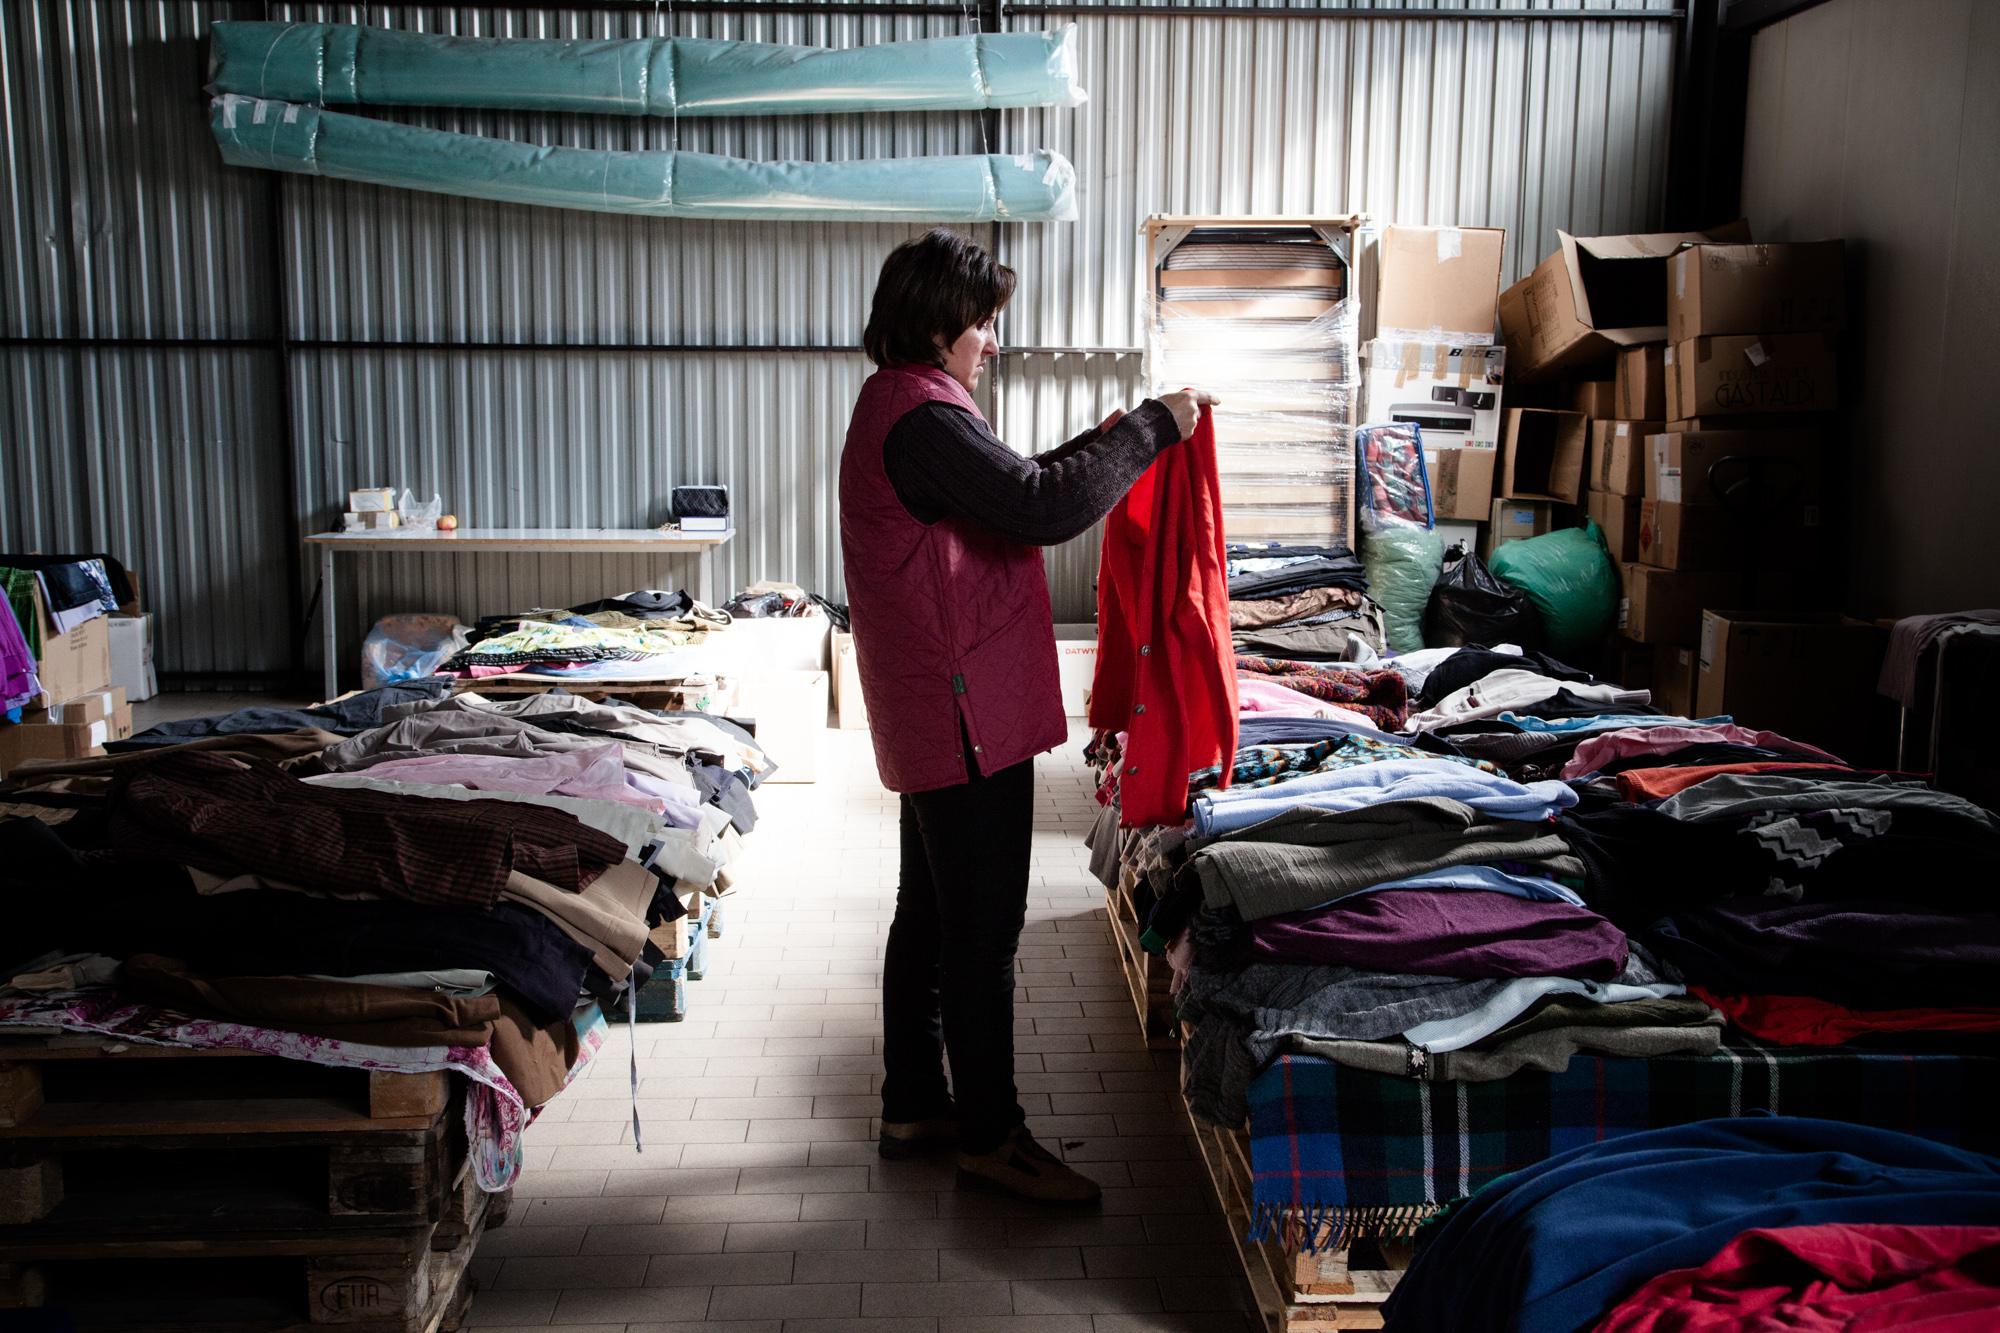 Dans un des hangars, une employée trie les dons reçus par l'hôpital. Les vêtements sont distribués aux habitants de la région. C'est pour beaucoup un des seuls moyen de s'habiller.  Extraits du webdocumentaire   Ashotsk, aux confins de l'Arménie  .